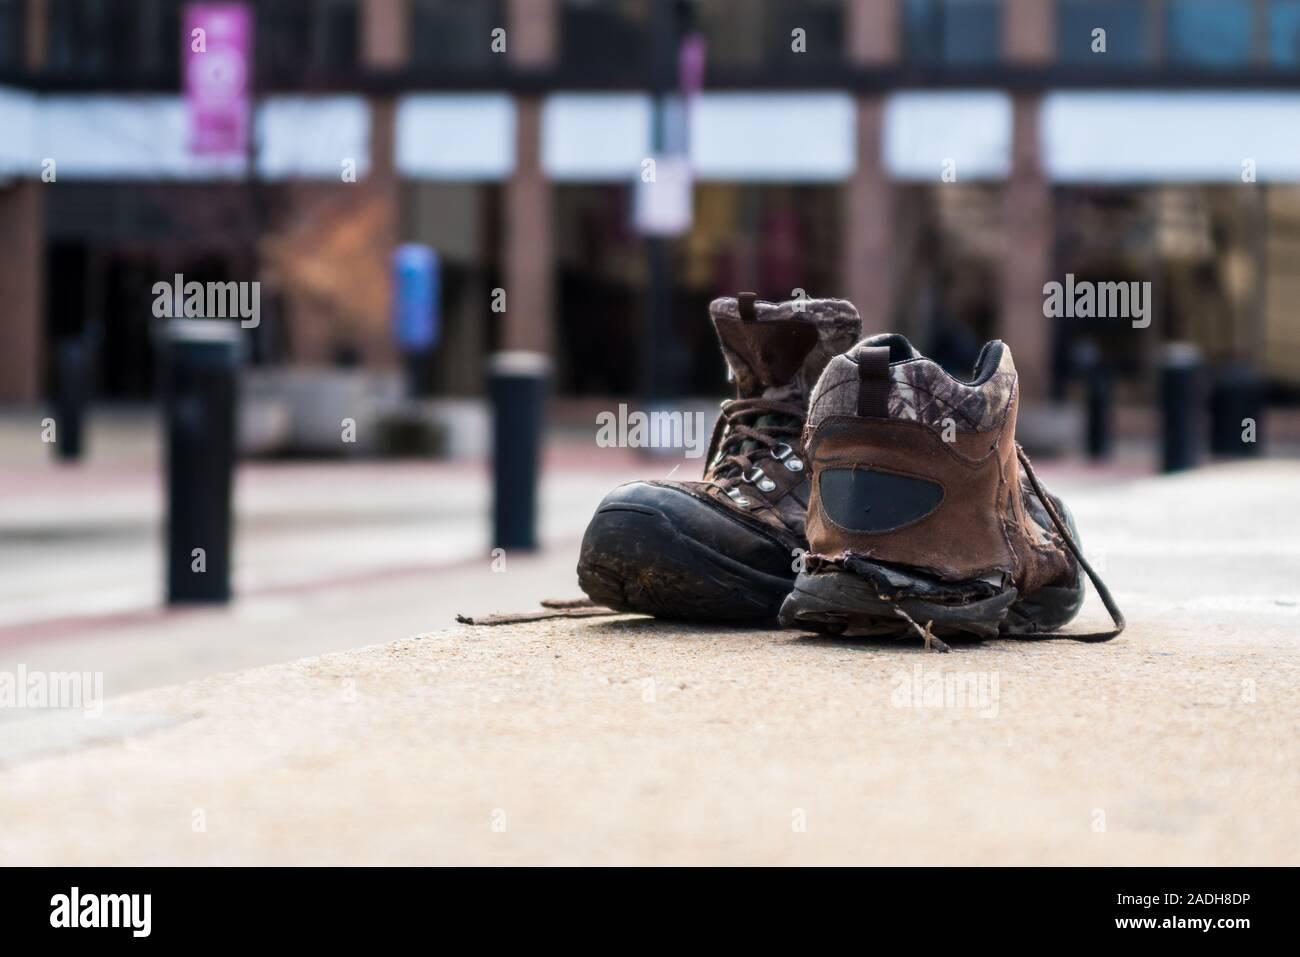 Un diseño vertical de un par de viejas botas de trabajo zapatos desgastados sentado en un muro de hormigón. Foto de stock